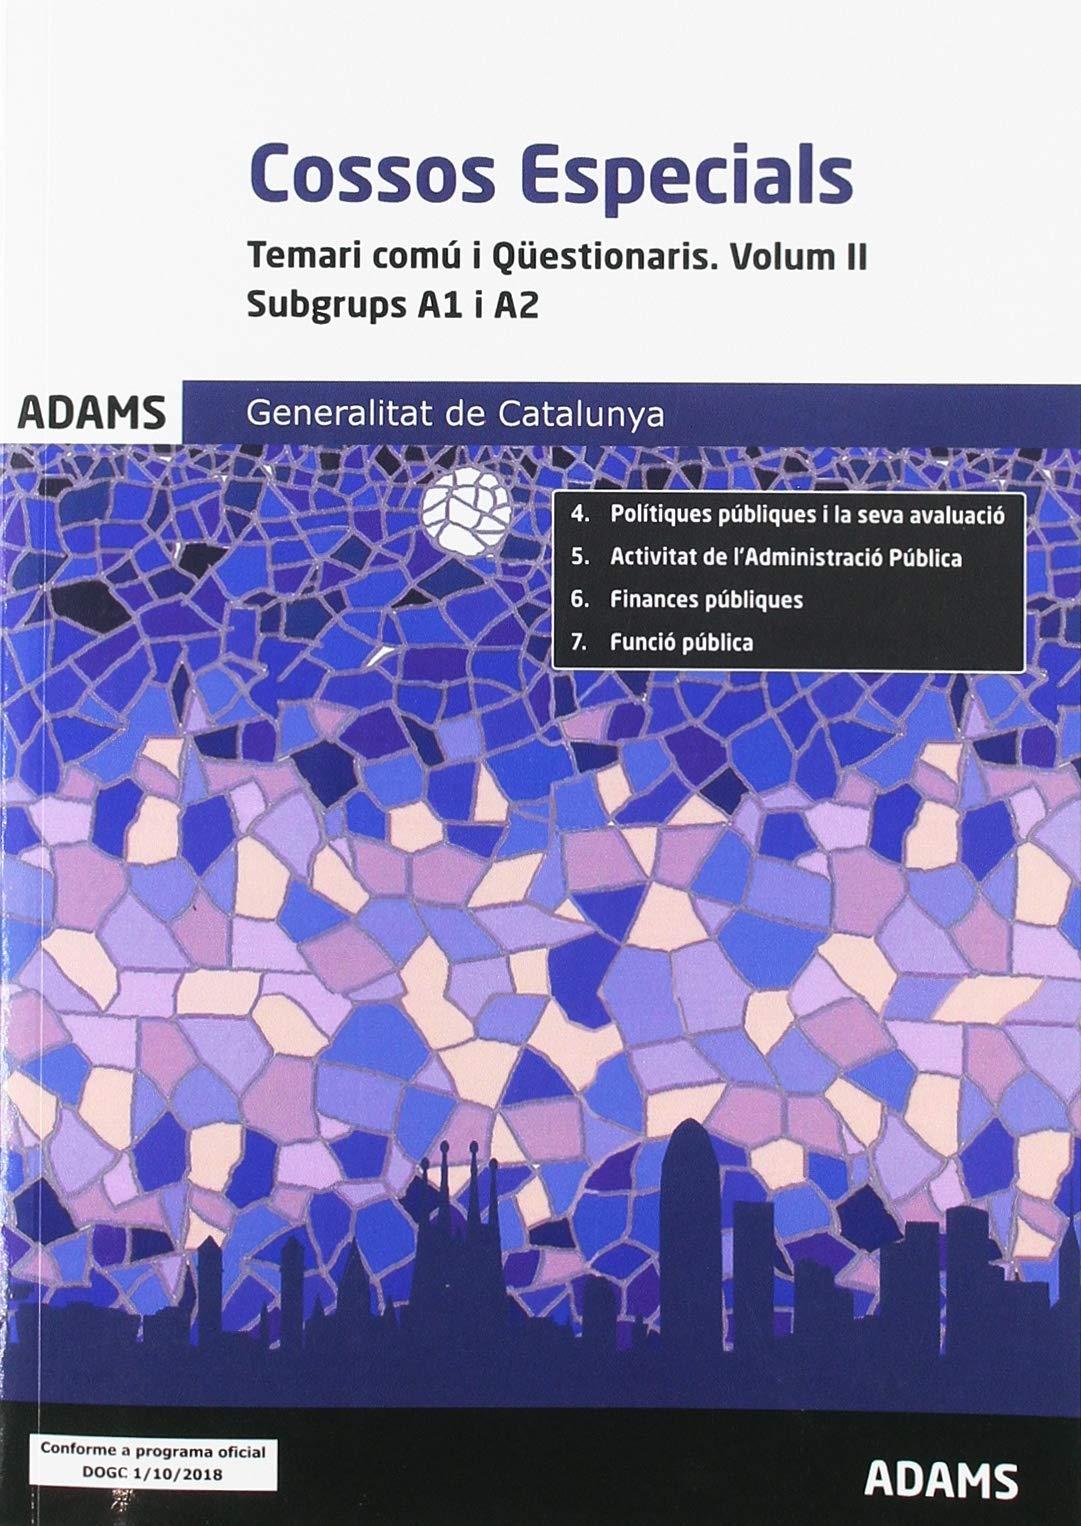 Temari comú i Qüestionaris. Volum II. Subgrups A1 i A2 Cossos ...